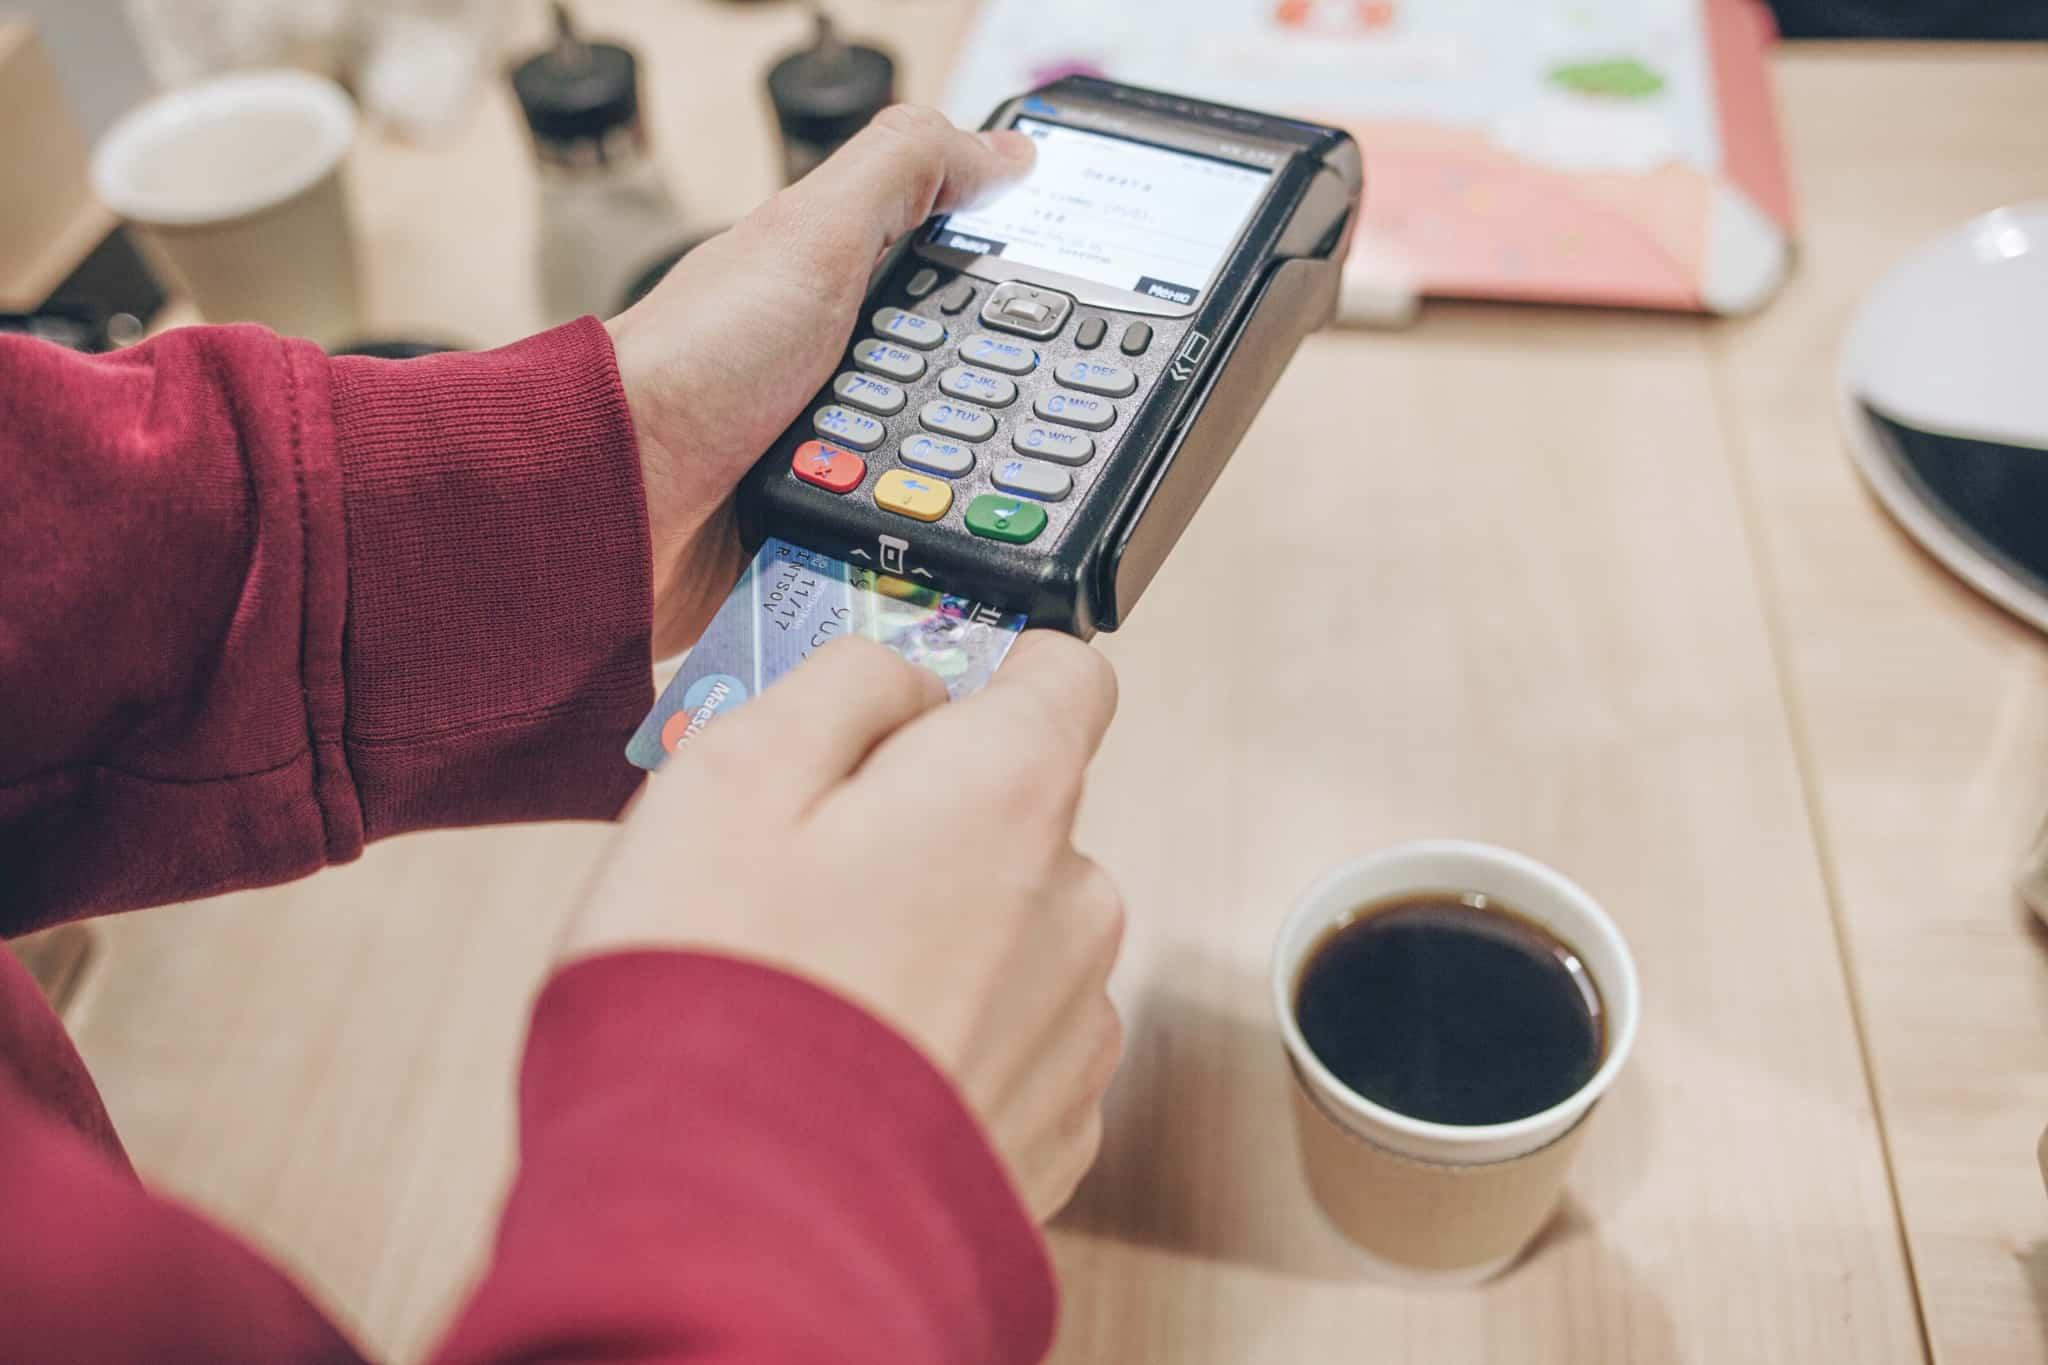 pagamento Cartão de crédito multibanco